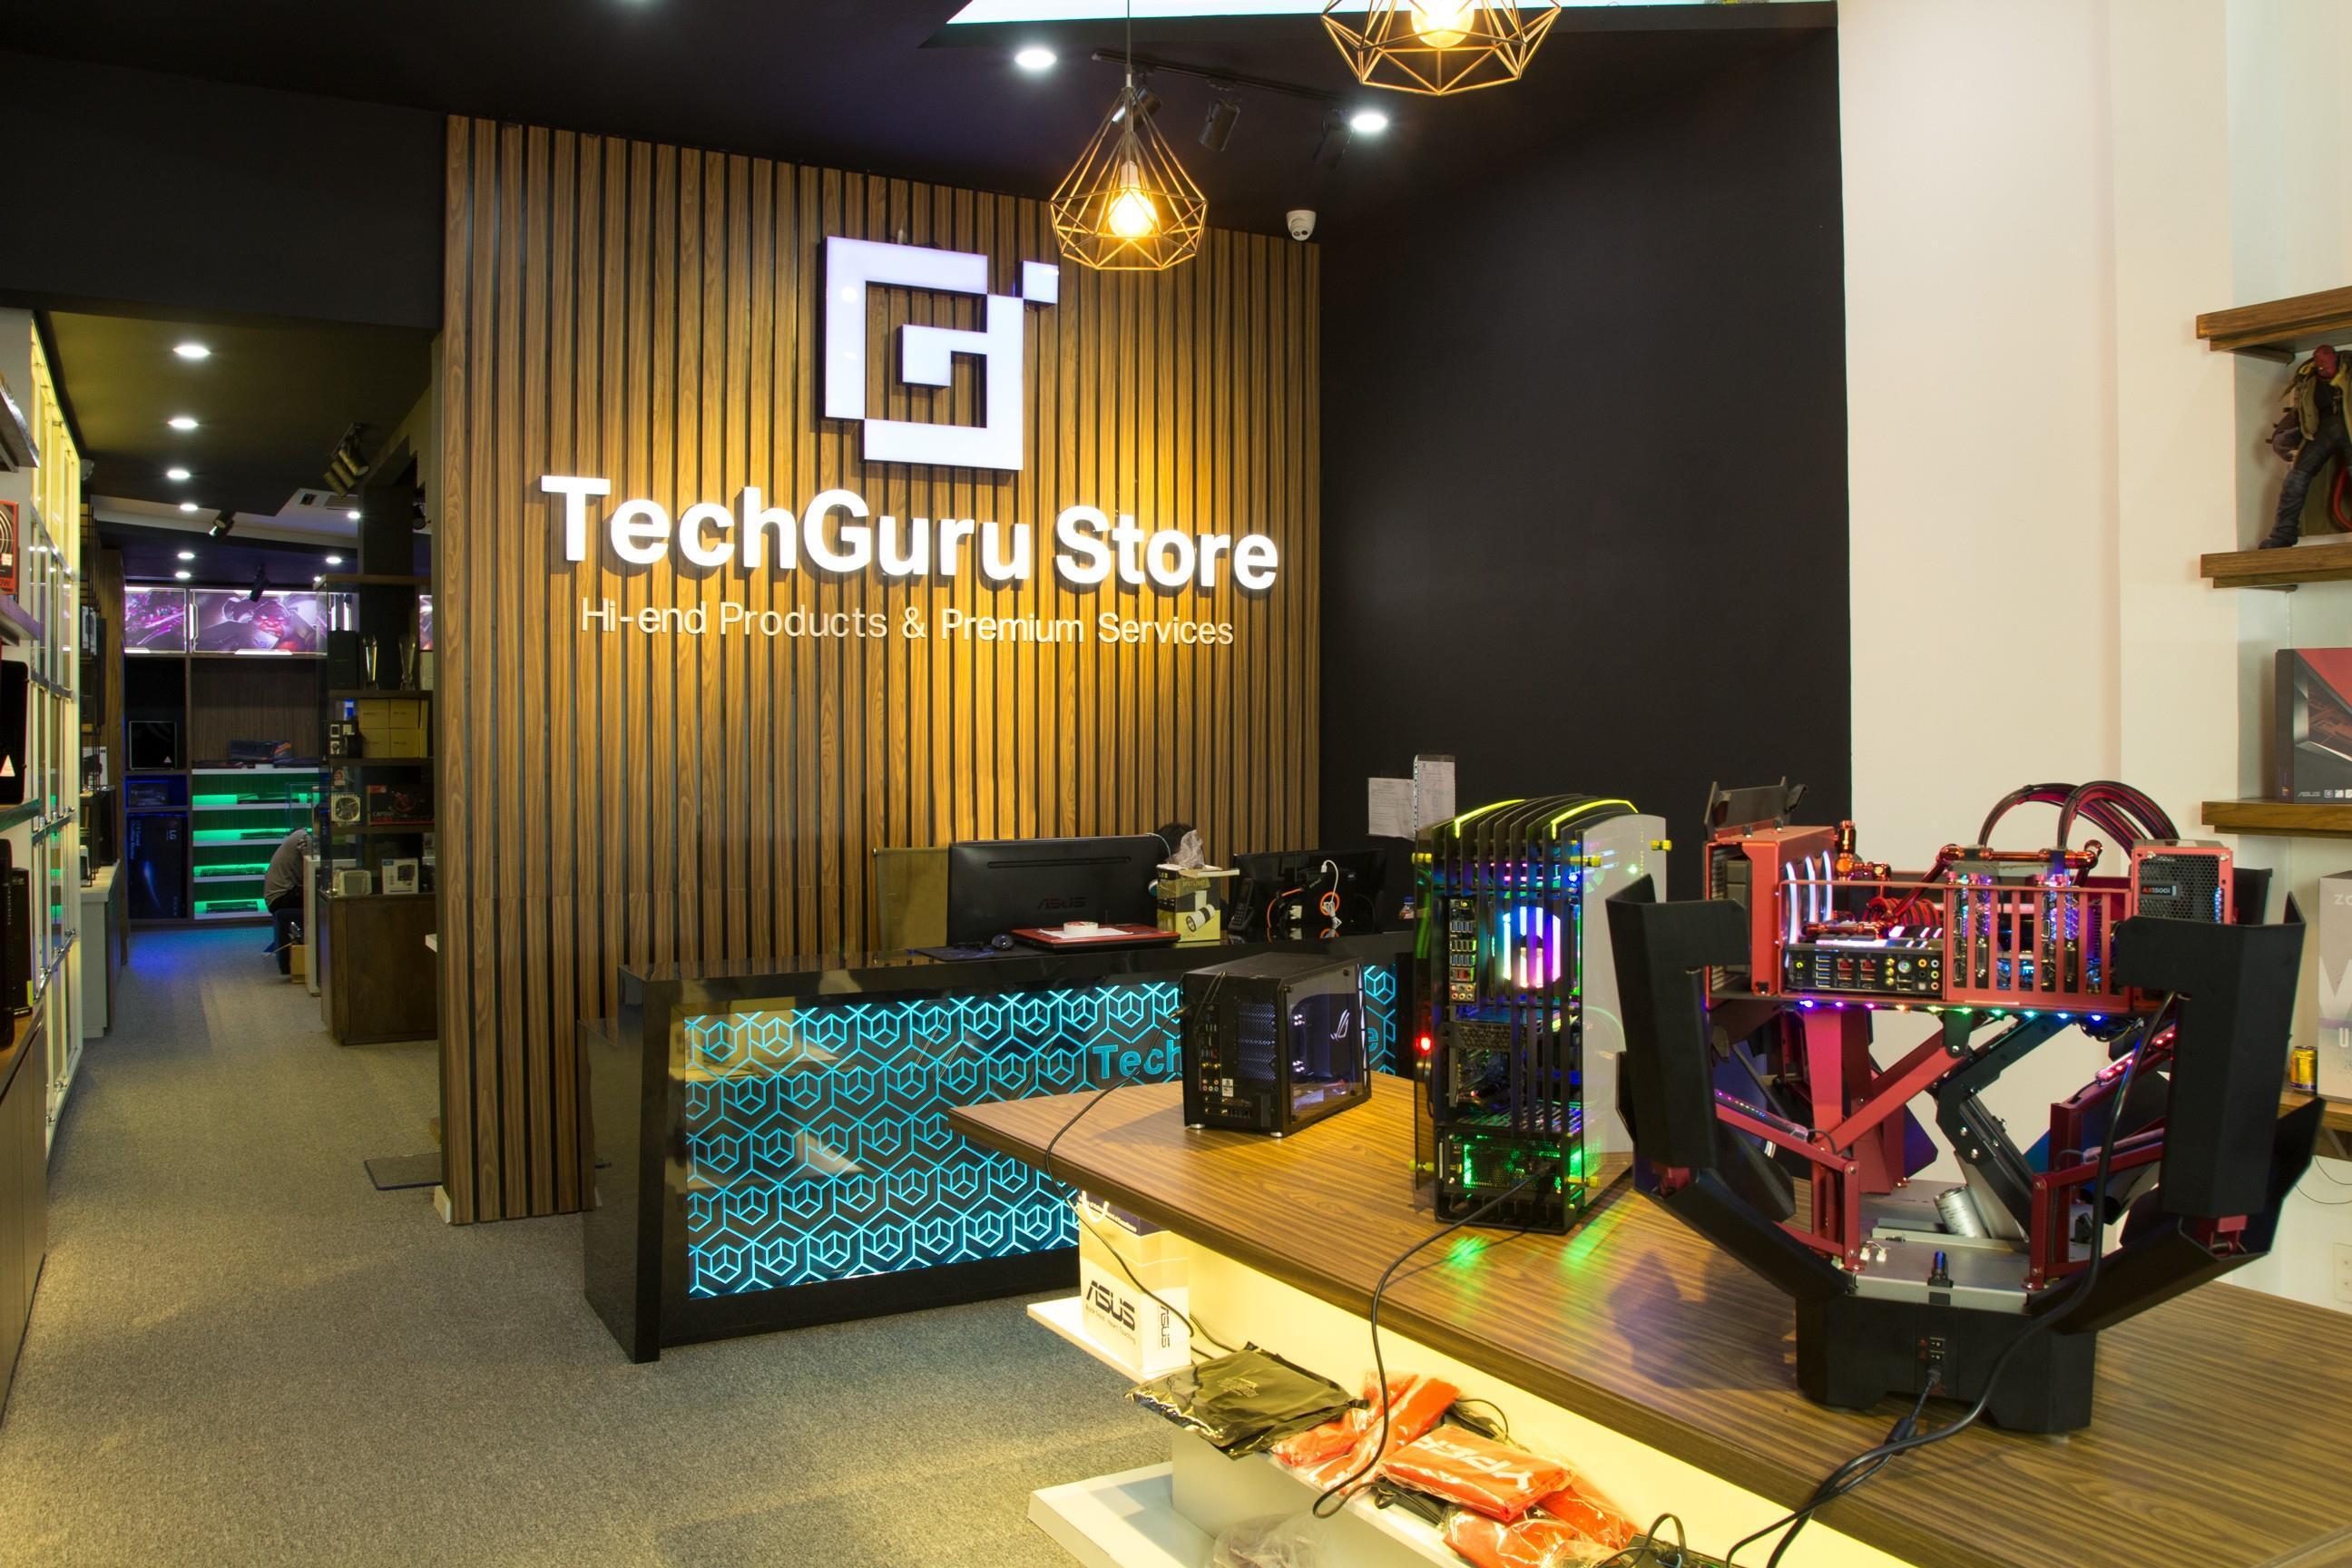 Techguru store